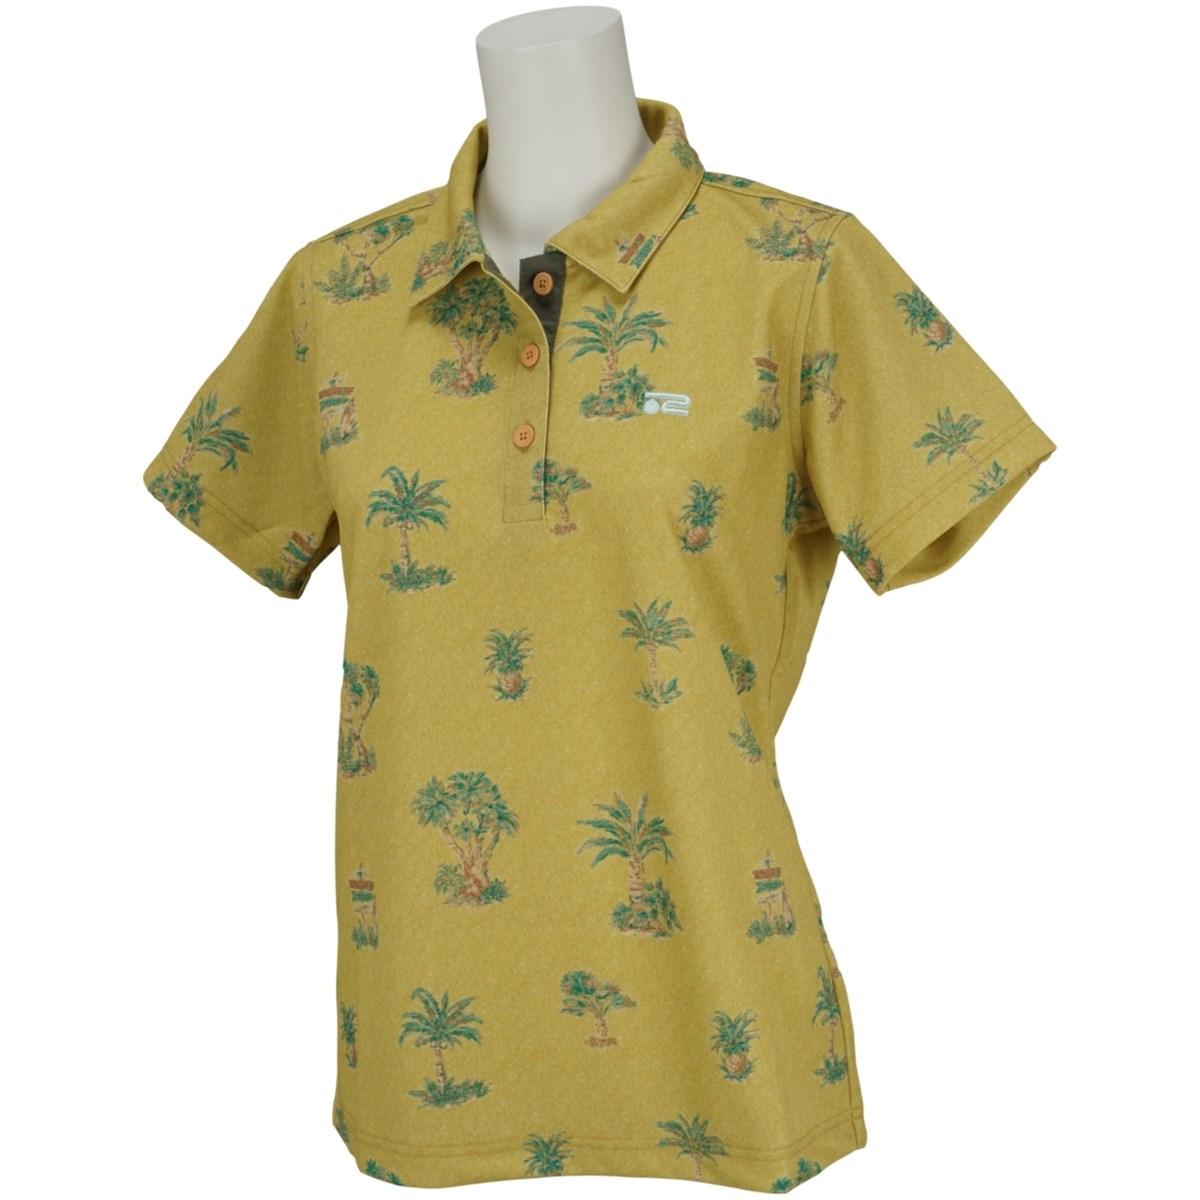 ロサーセン ROSASEN ドライステータスプリント半袖ポロシャツ 40(M) ベージュ 054 レディス